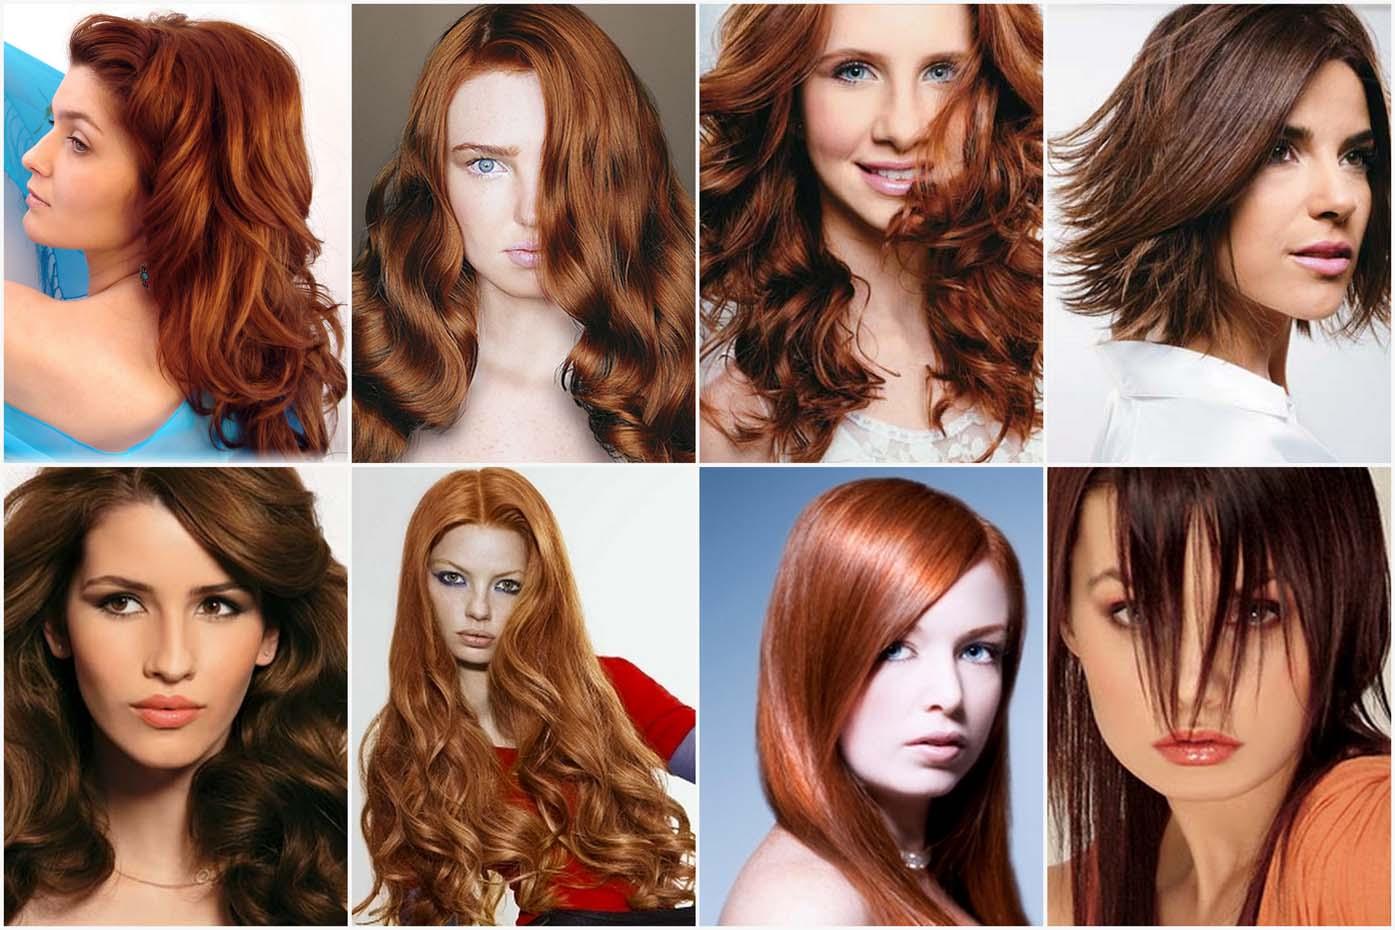 cabelos acobreados 2011 Tendências em cores de cabelo 2011